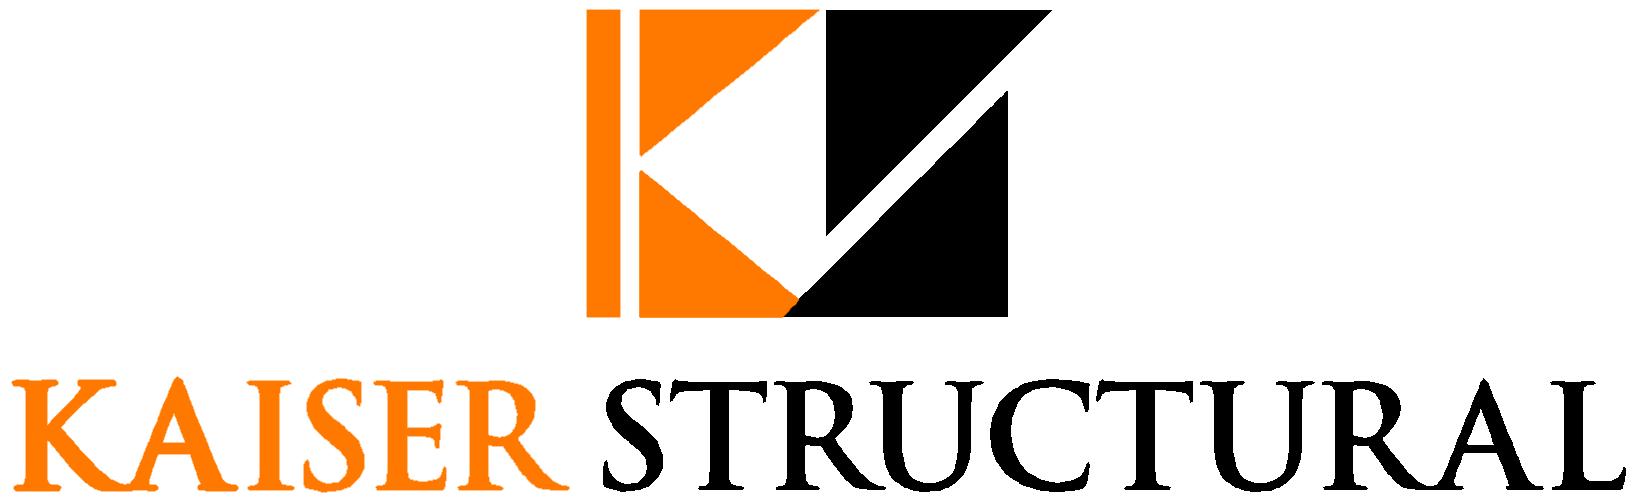 Kaiser Structural